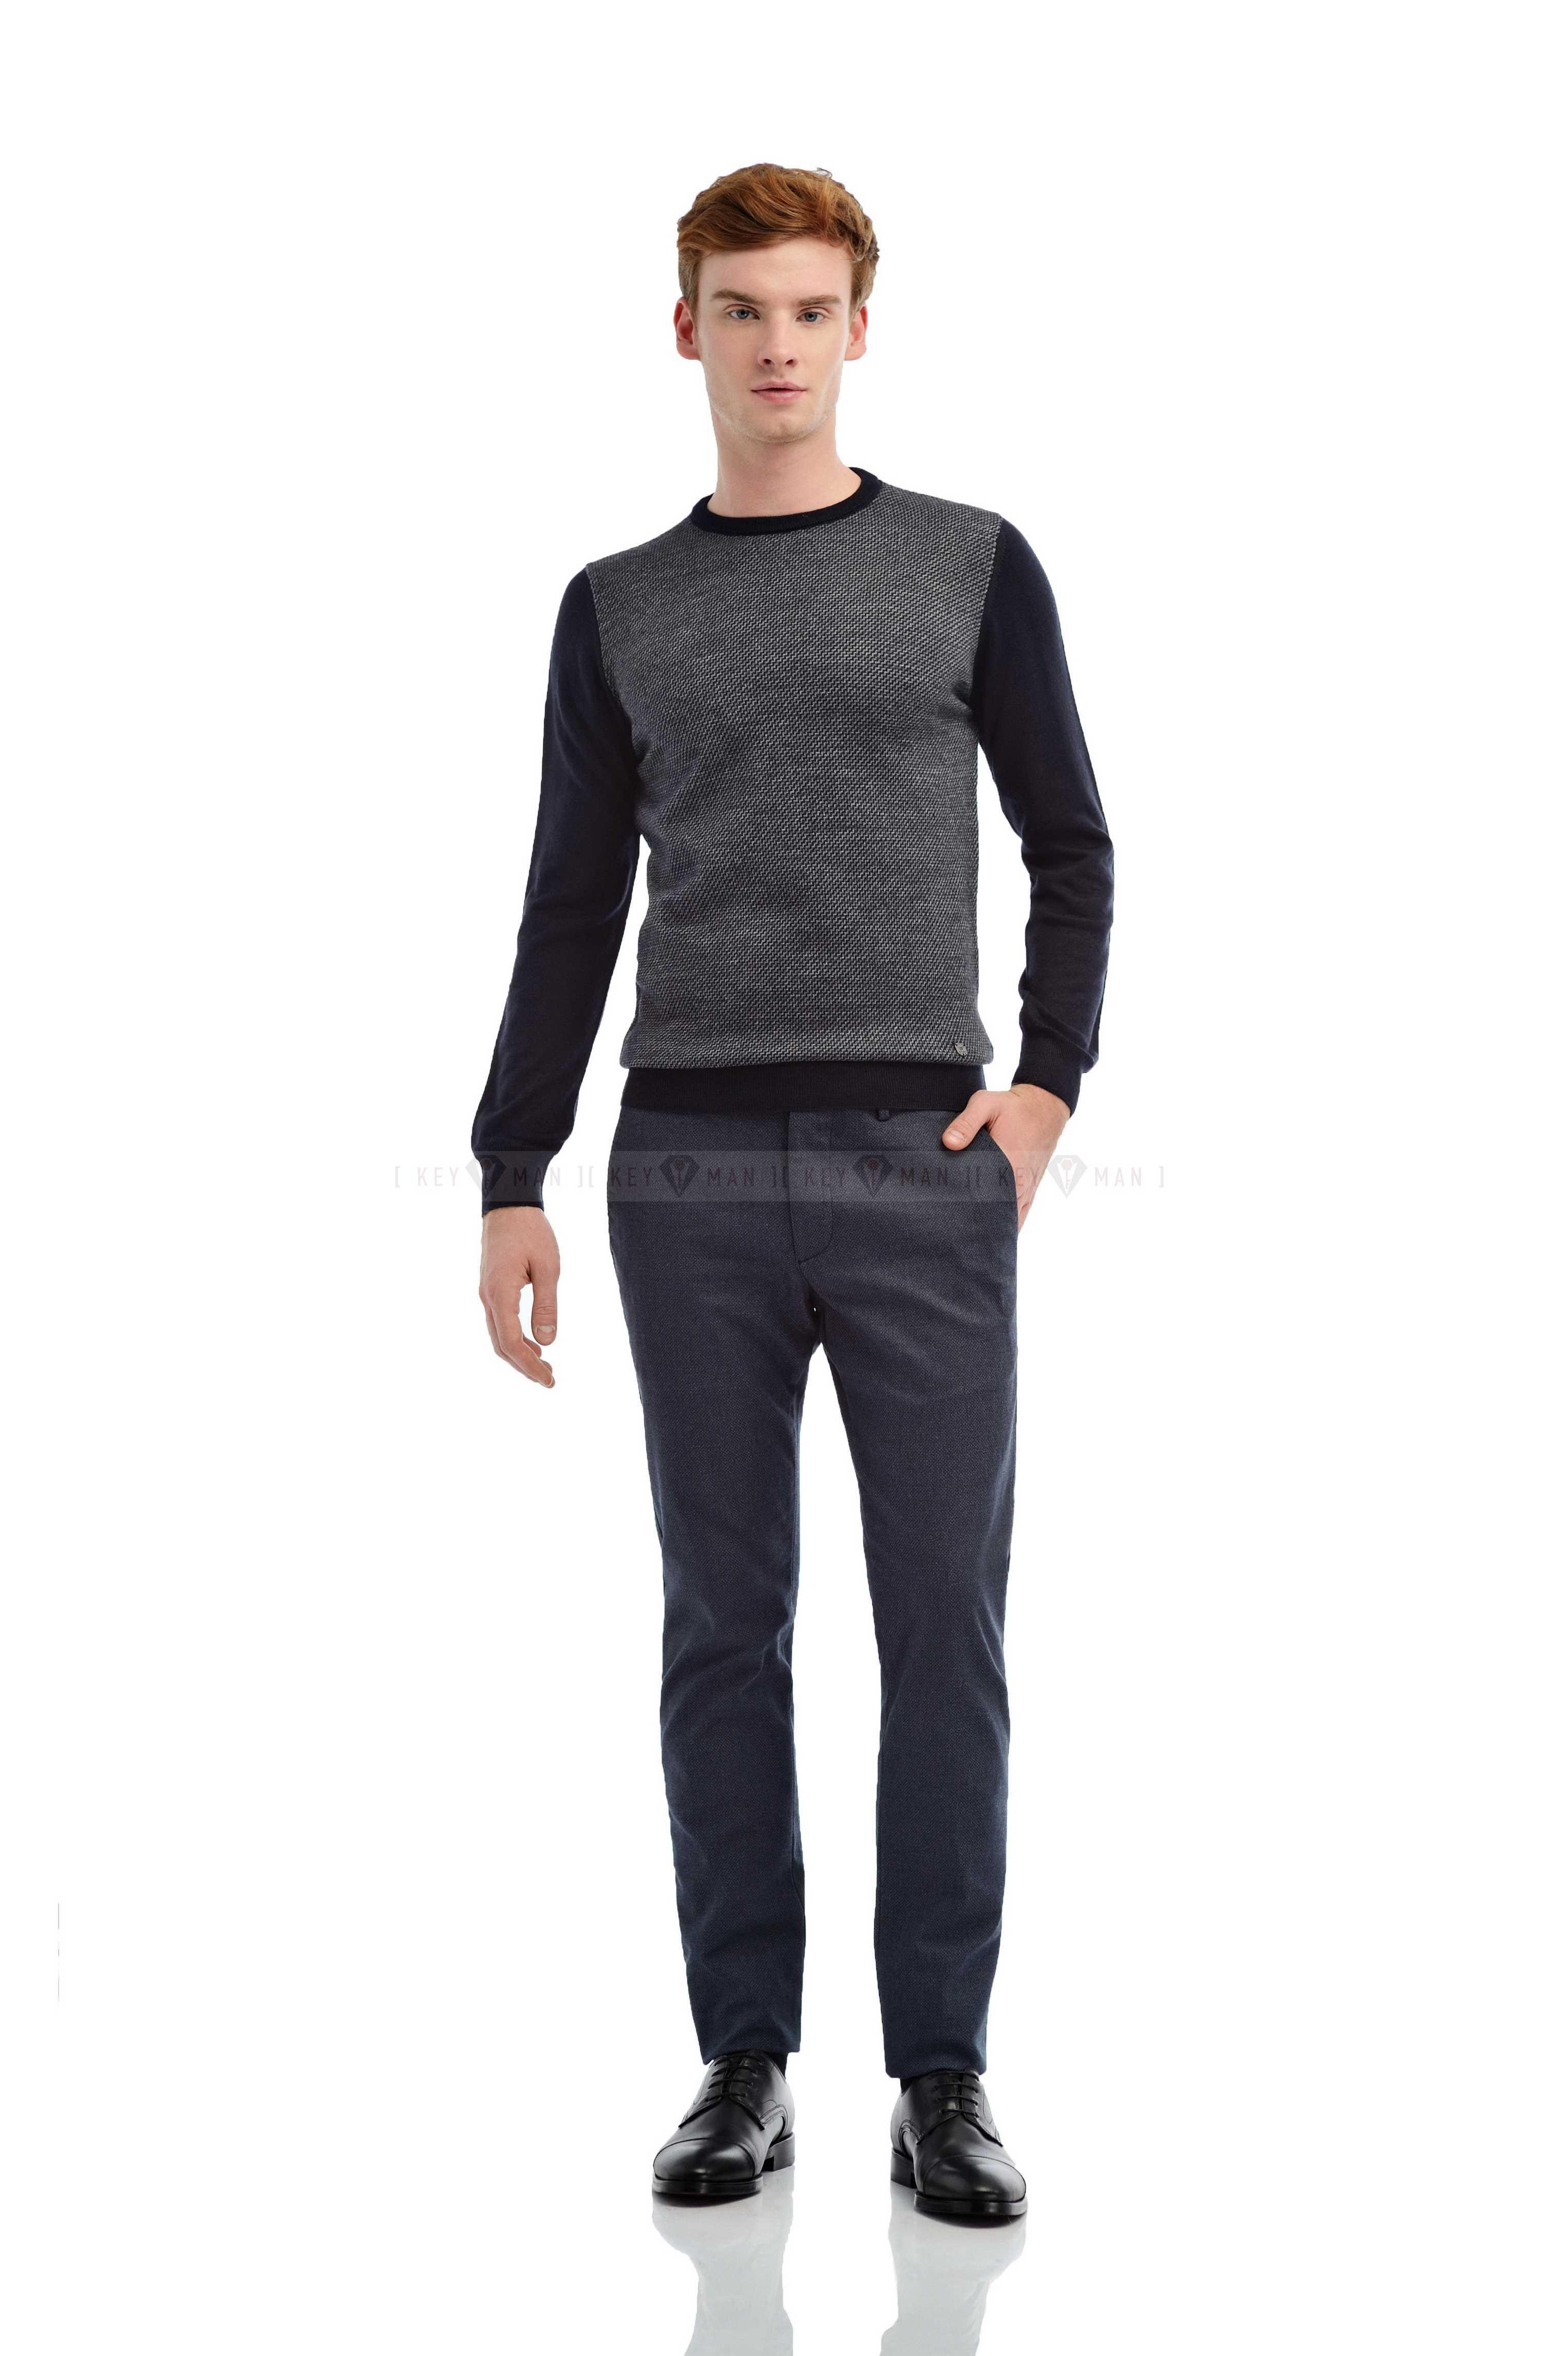 Джемпер мужской синий в серый диагональный рисунок итальянская шерсть